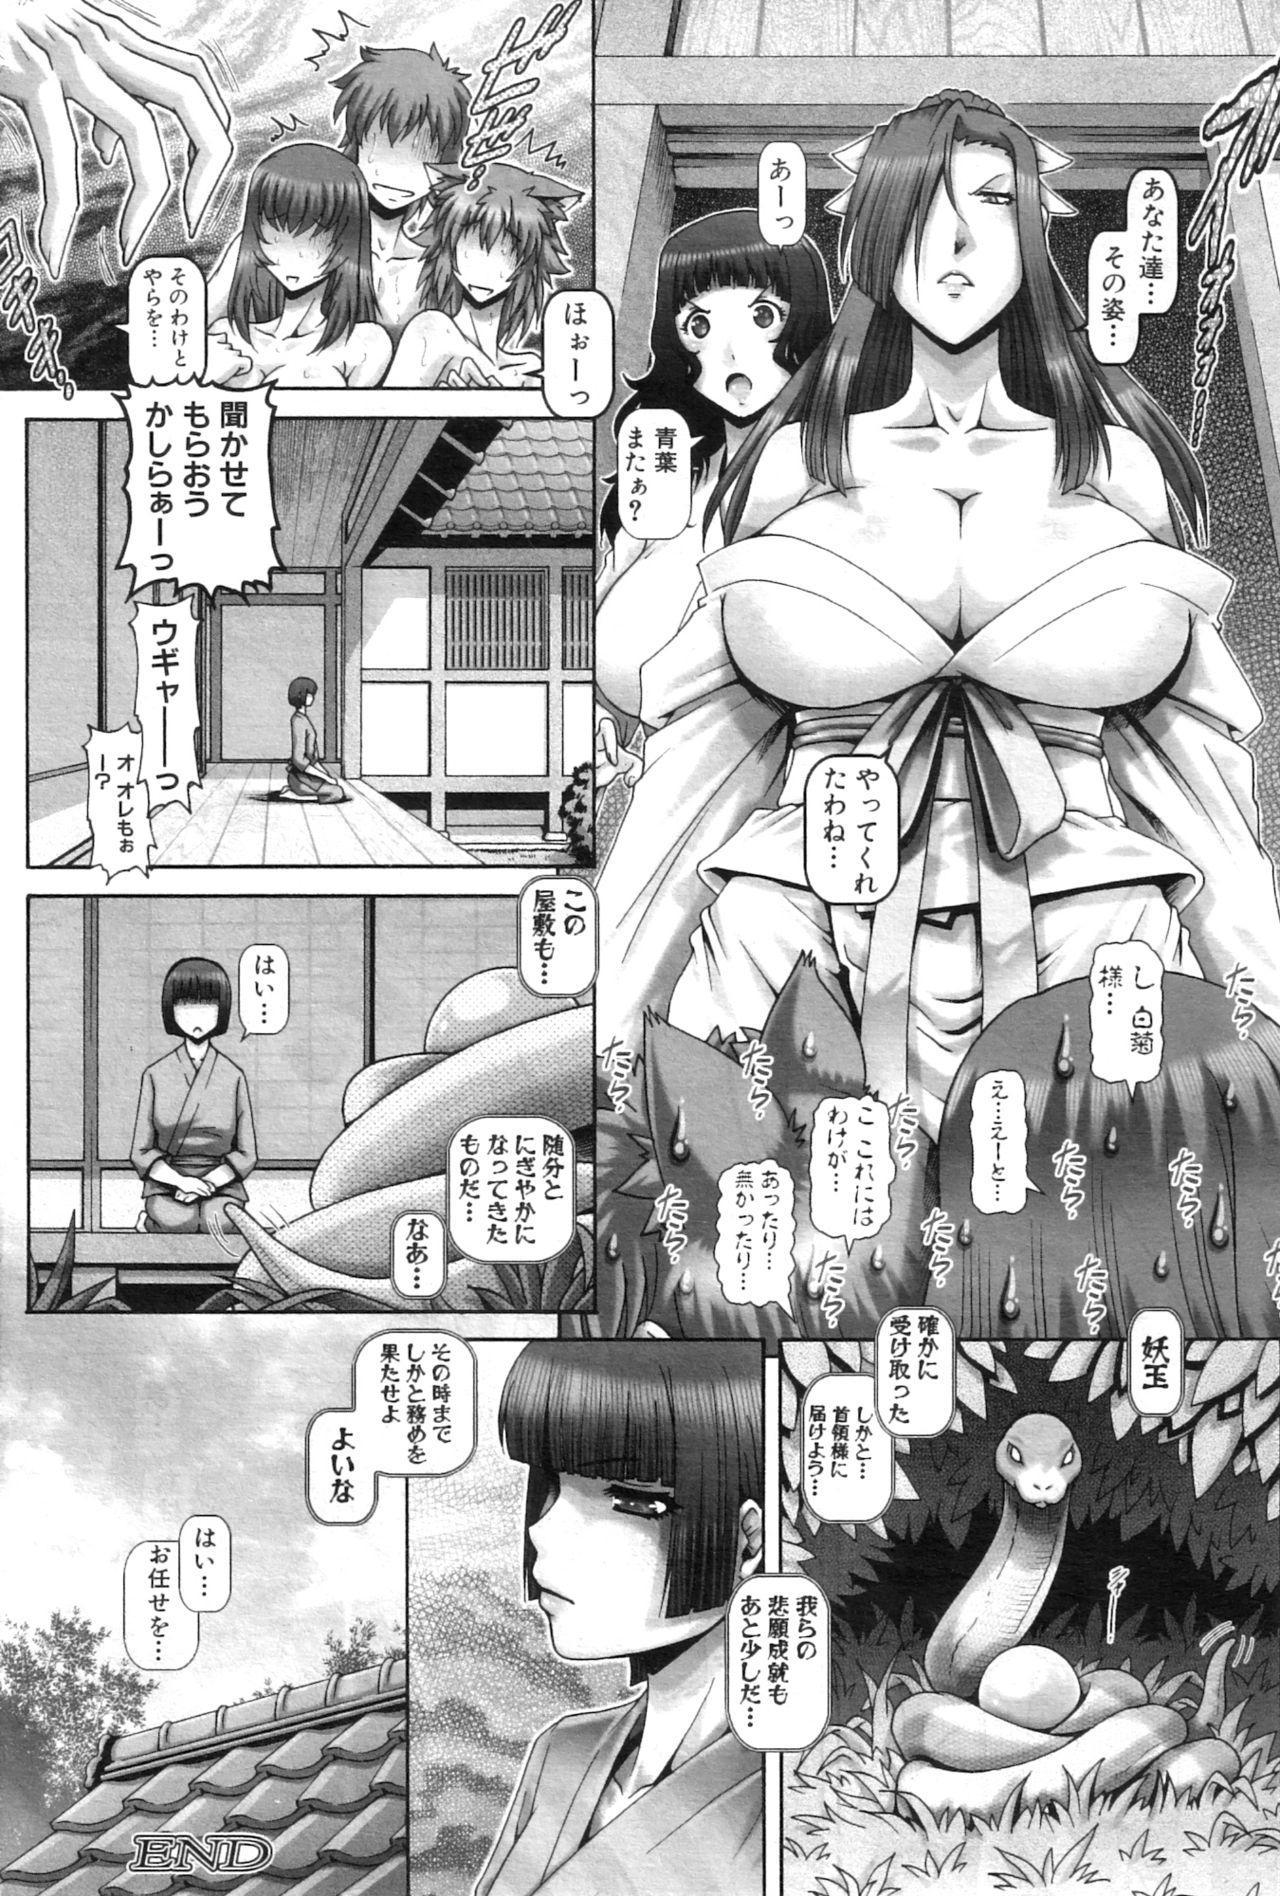 Ayakashiyakata no Tamahime 133